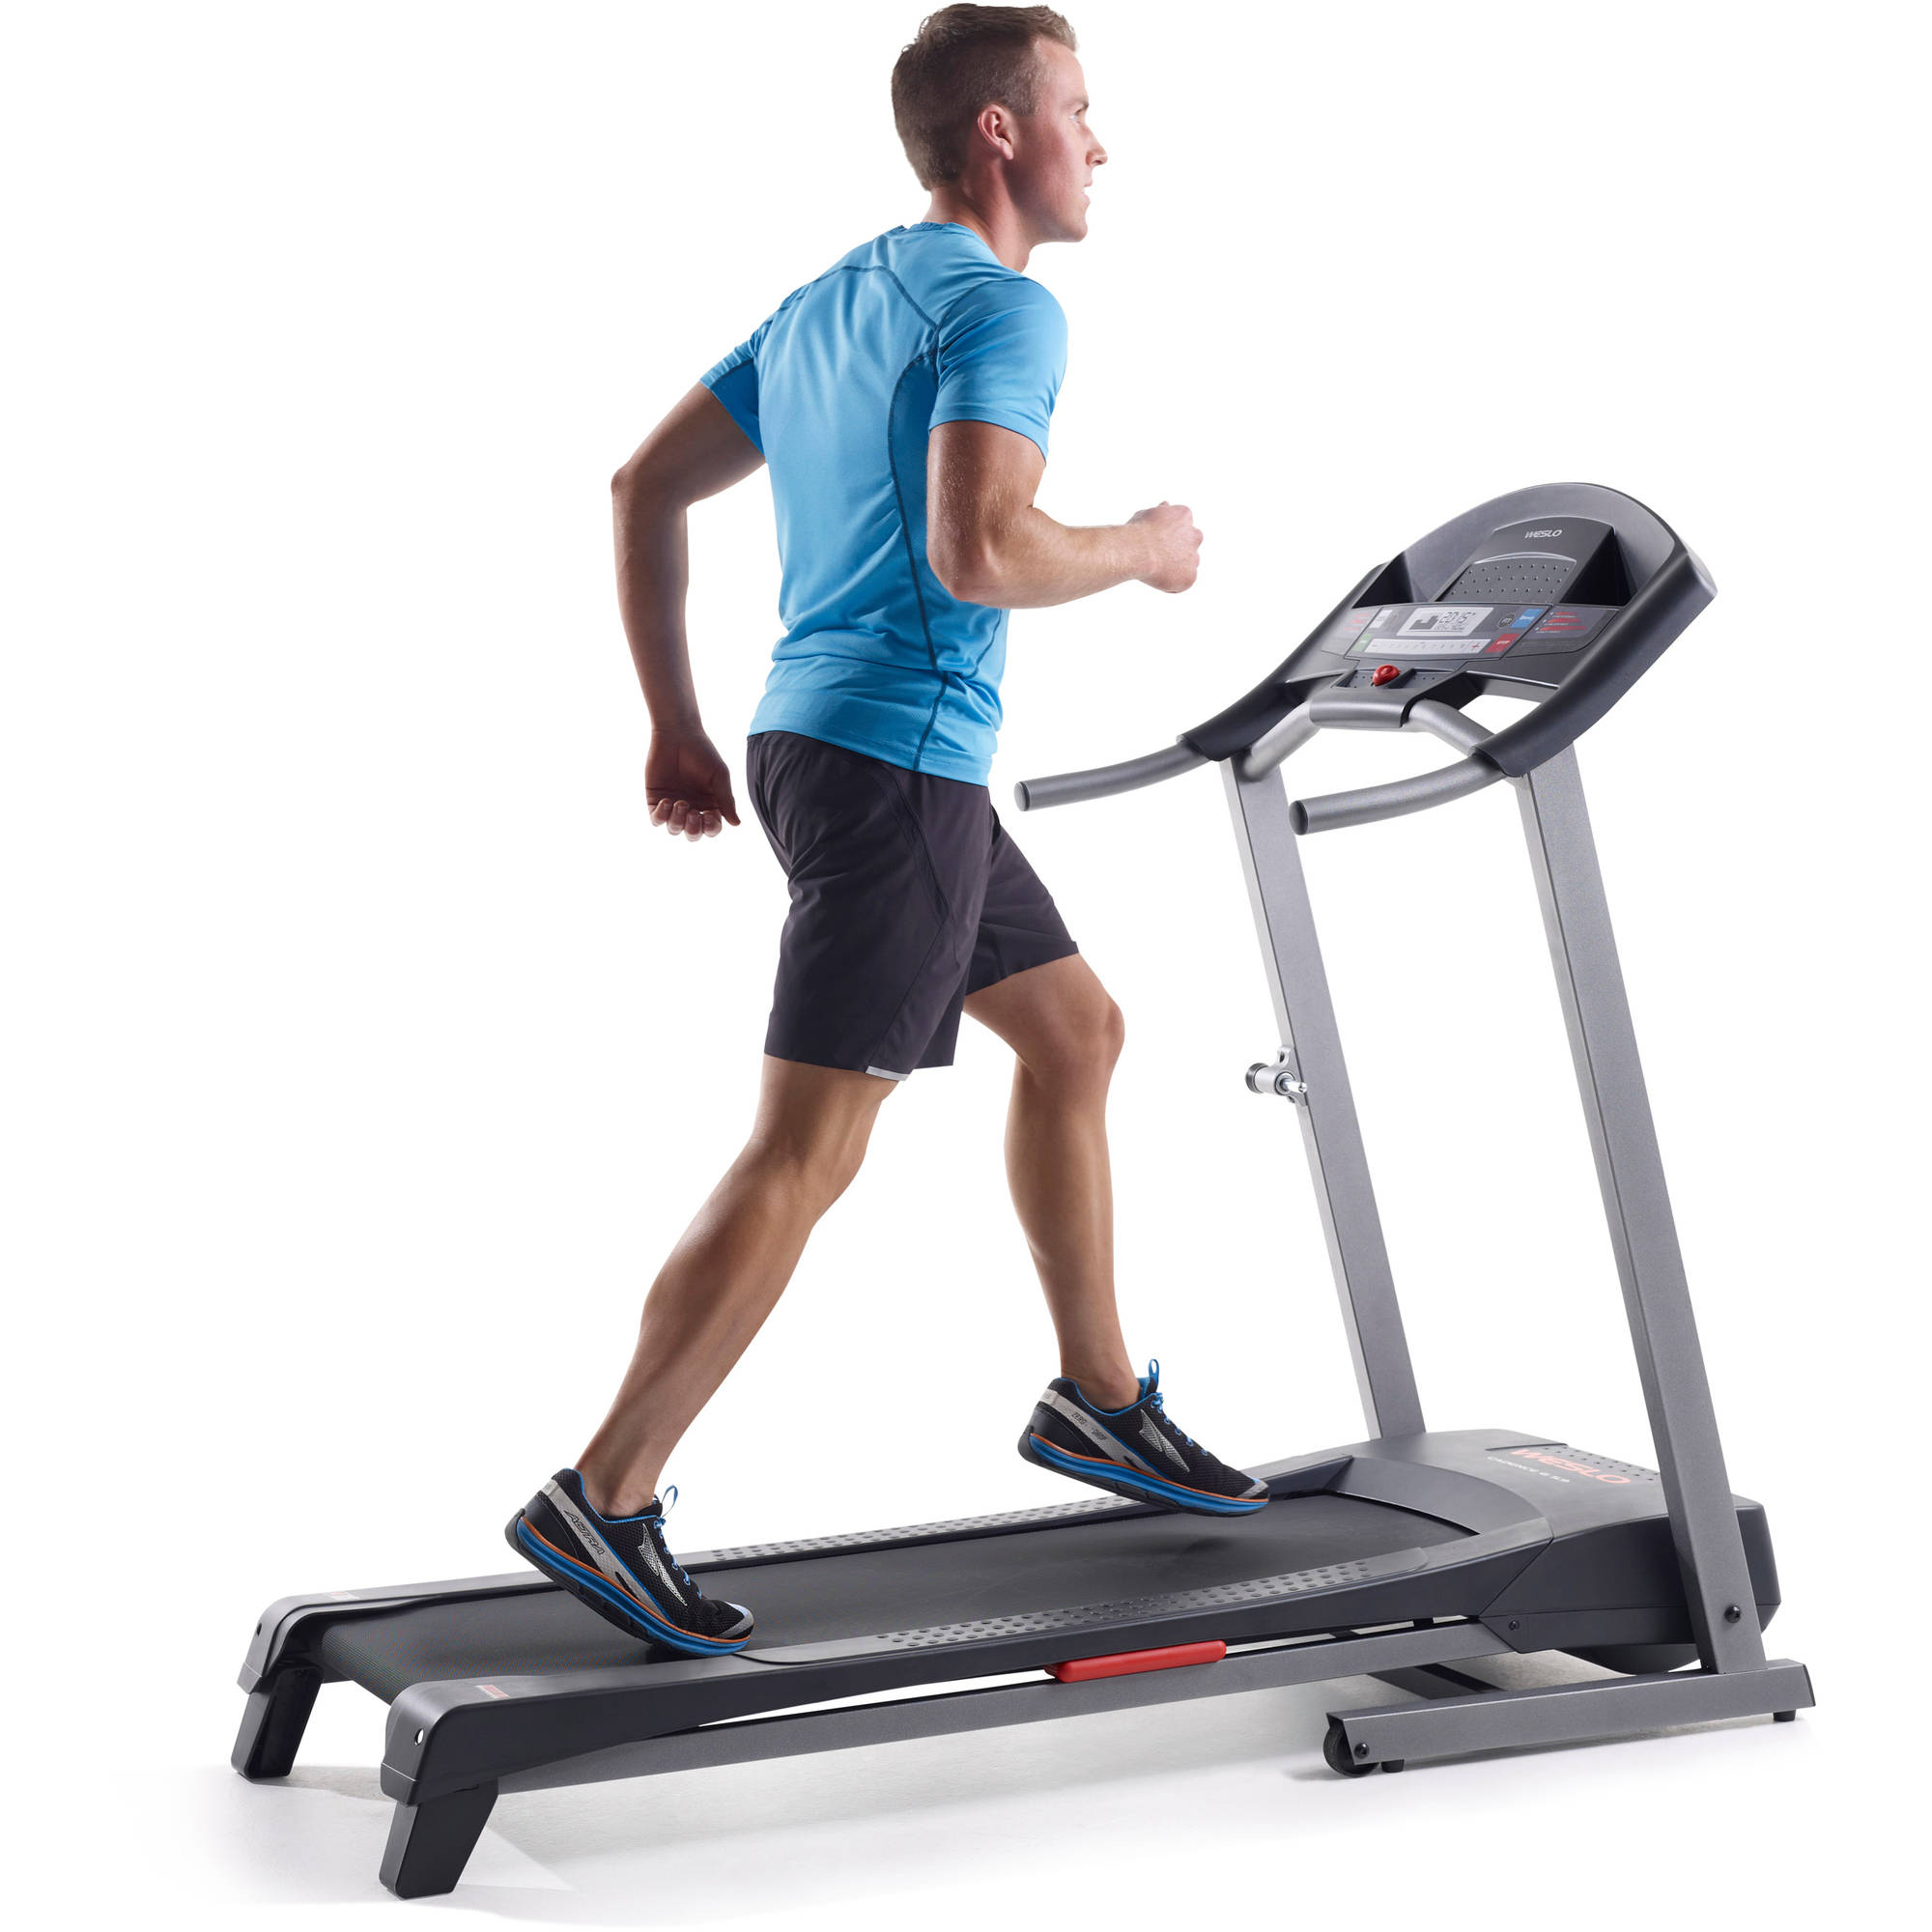 Weslo Cadence G 5.9i Treadmill, New Model